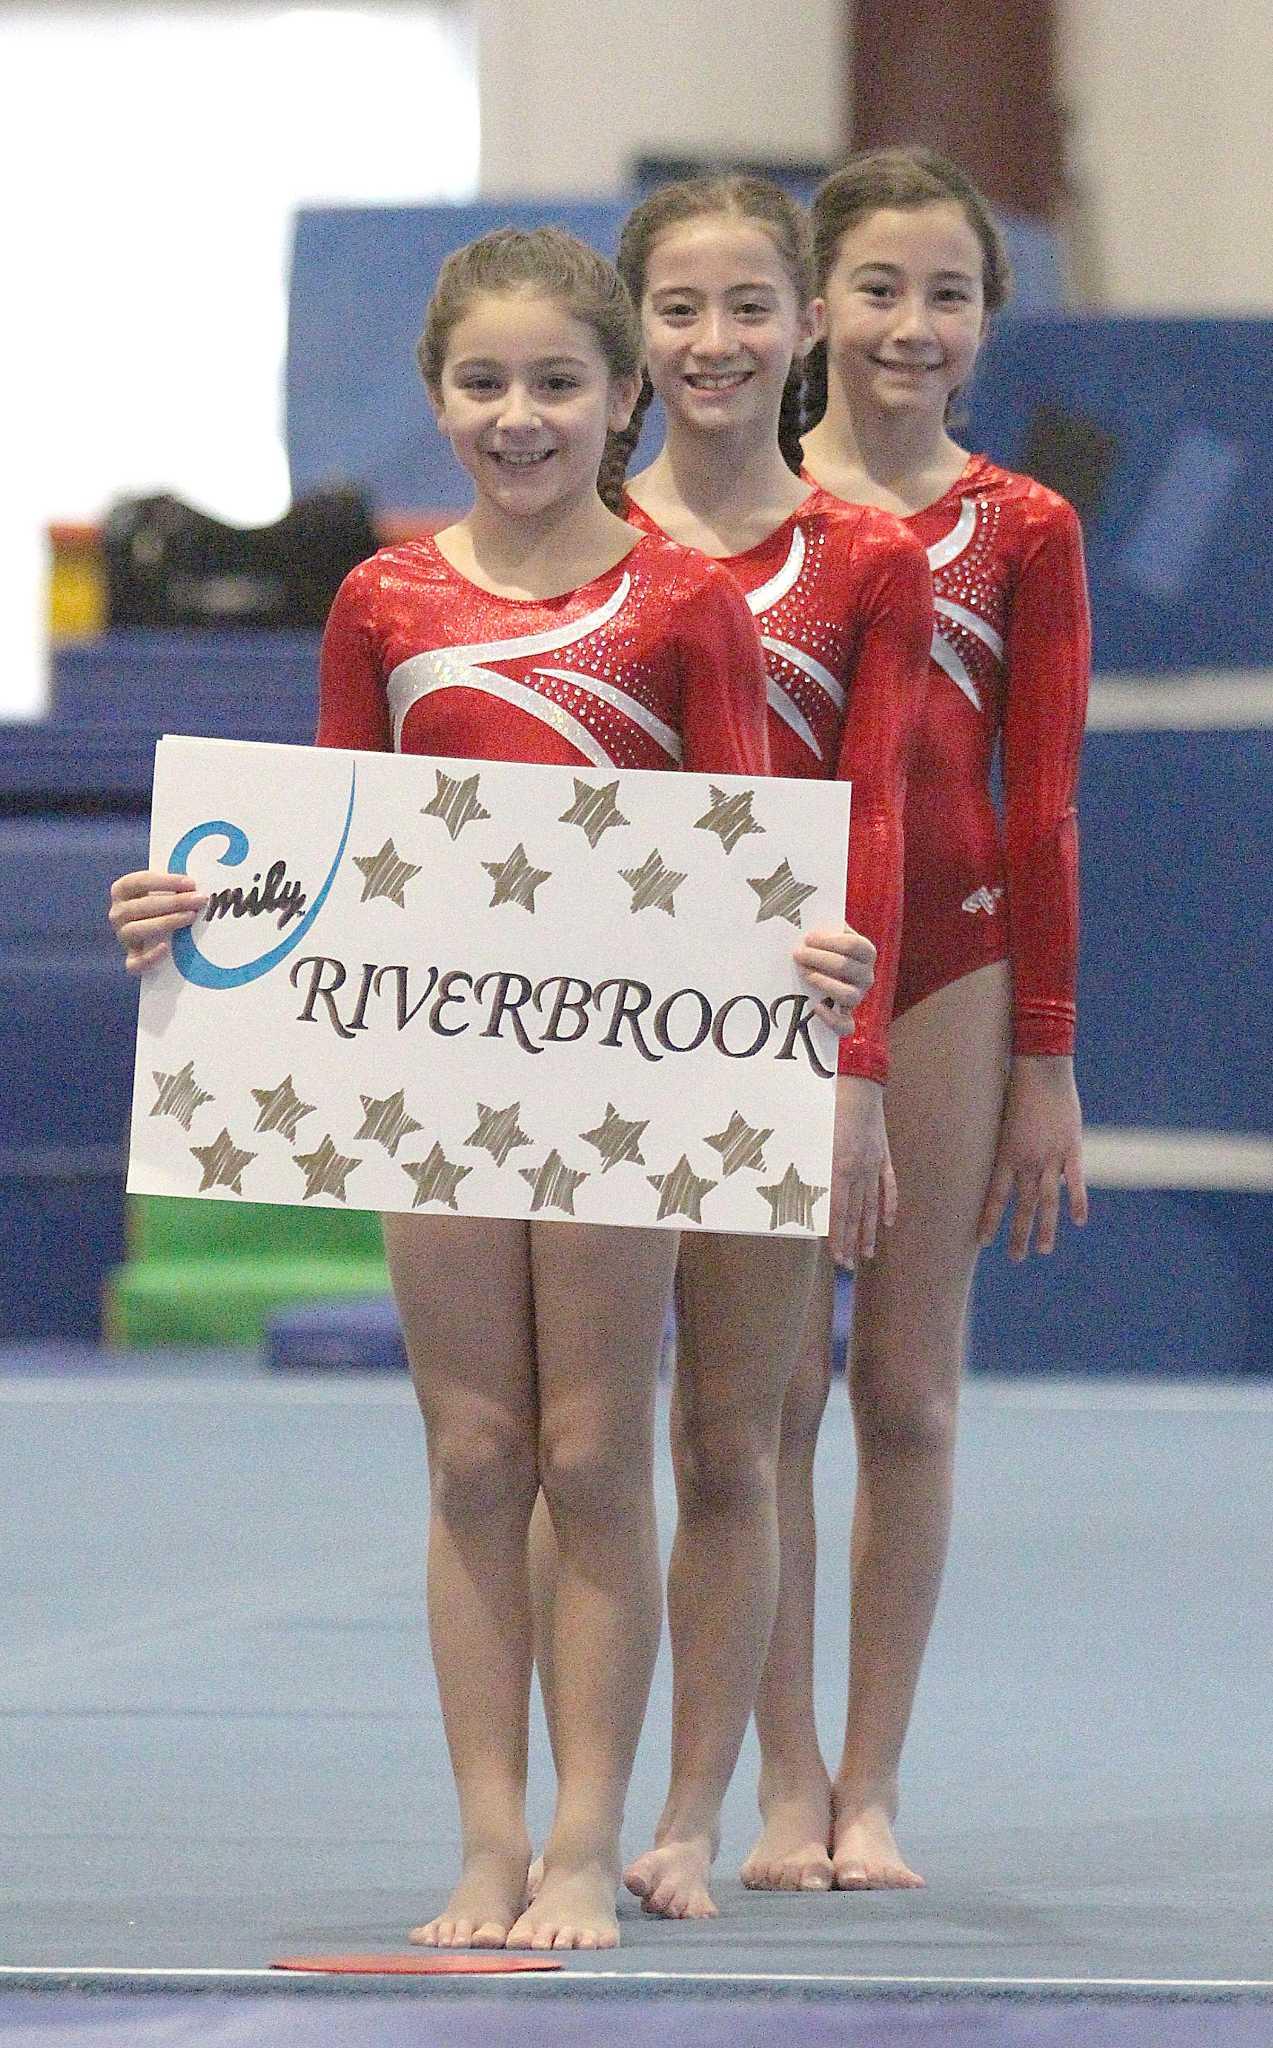 Winwin gymnastics - Winwin Gymnastics 54